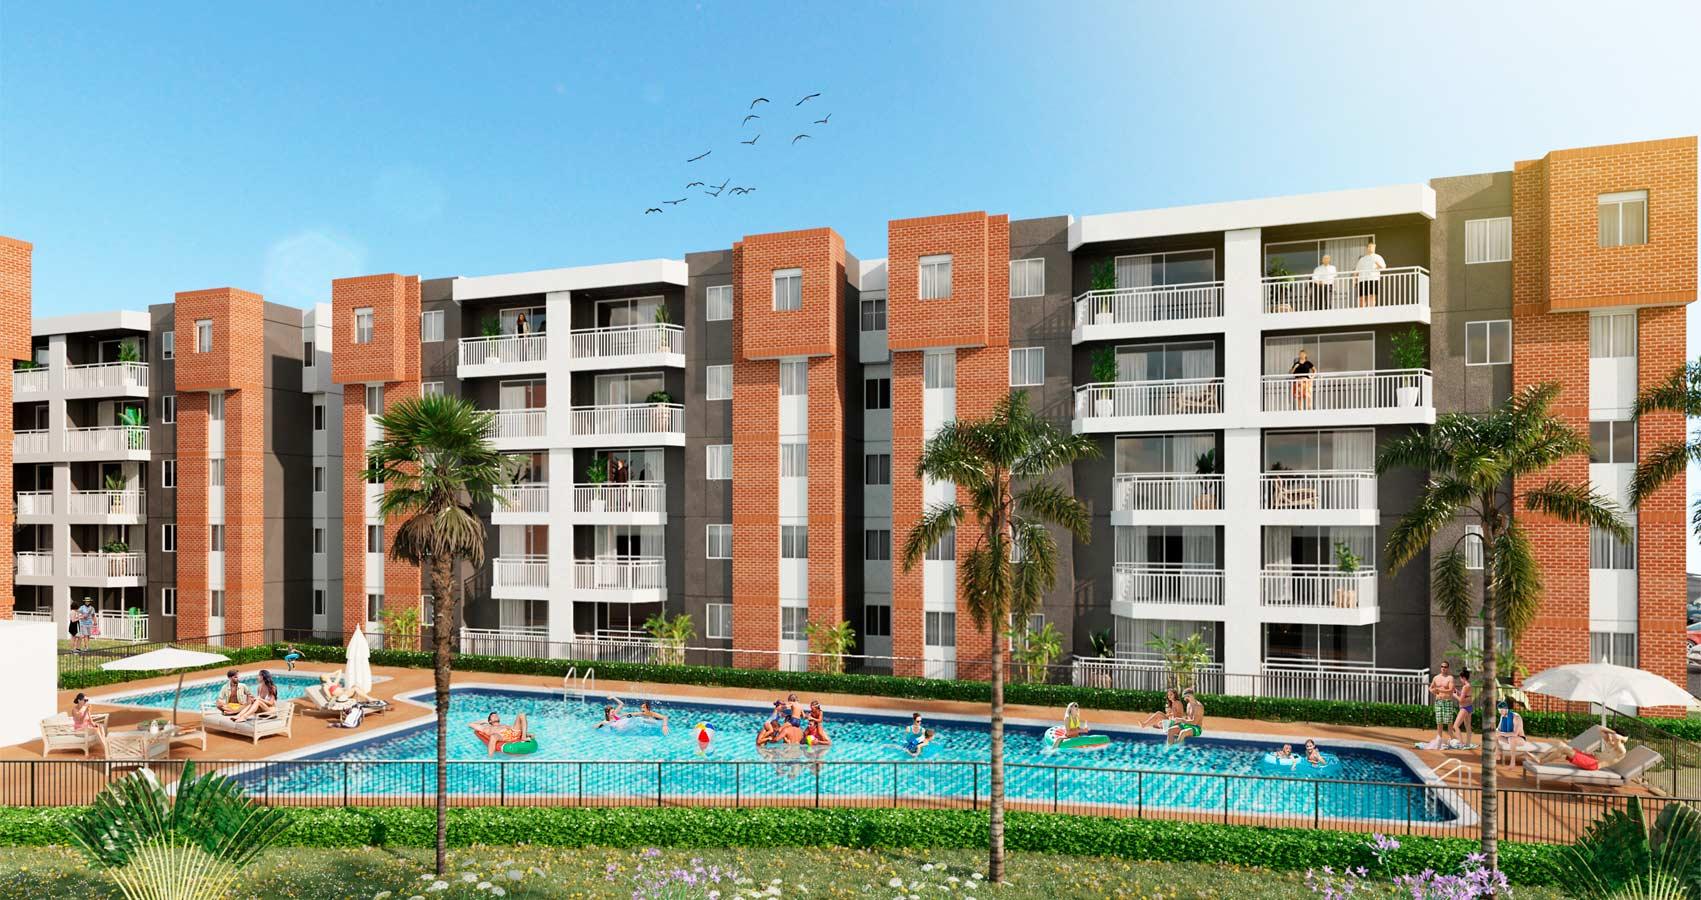 canaria nuevo proyecto de vivienda cali vivero parque residencial apartamentos constructora Bolivar